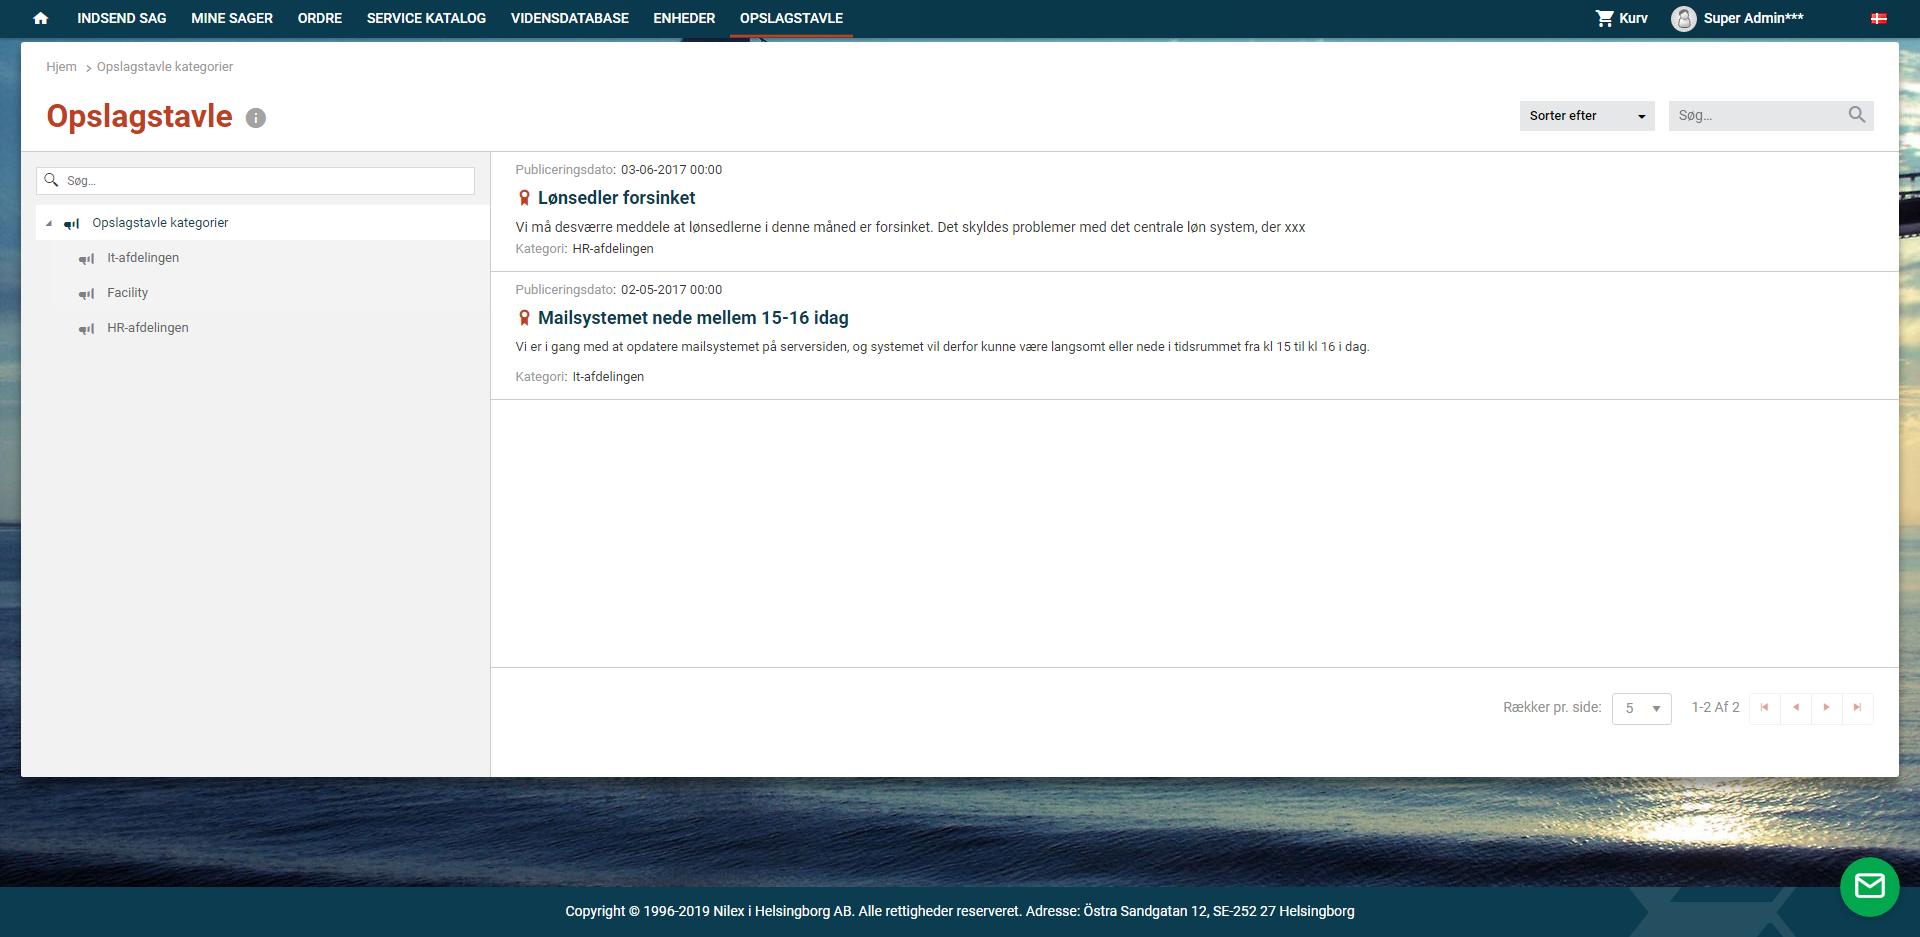 SSP opslagstavle screenshot